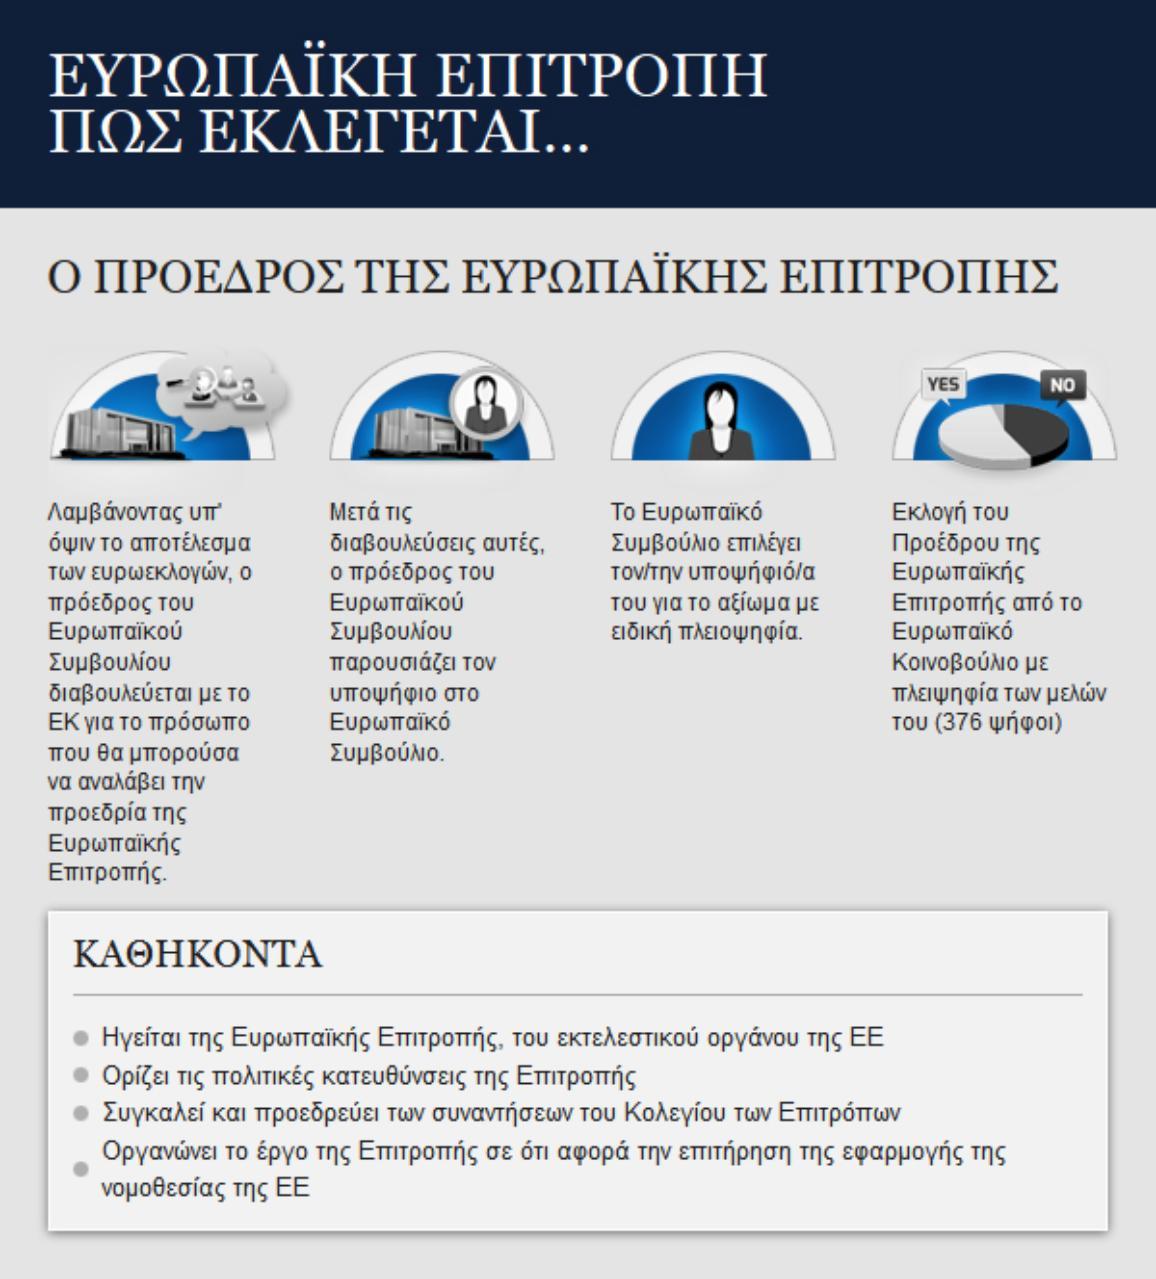 Το ΕΚ ψηφίζει τον πρόεδρο της Ευρωπαϊκής Επιτροπής - γράφημα